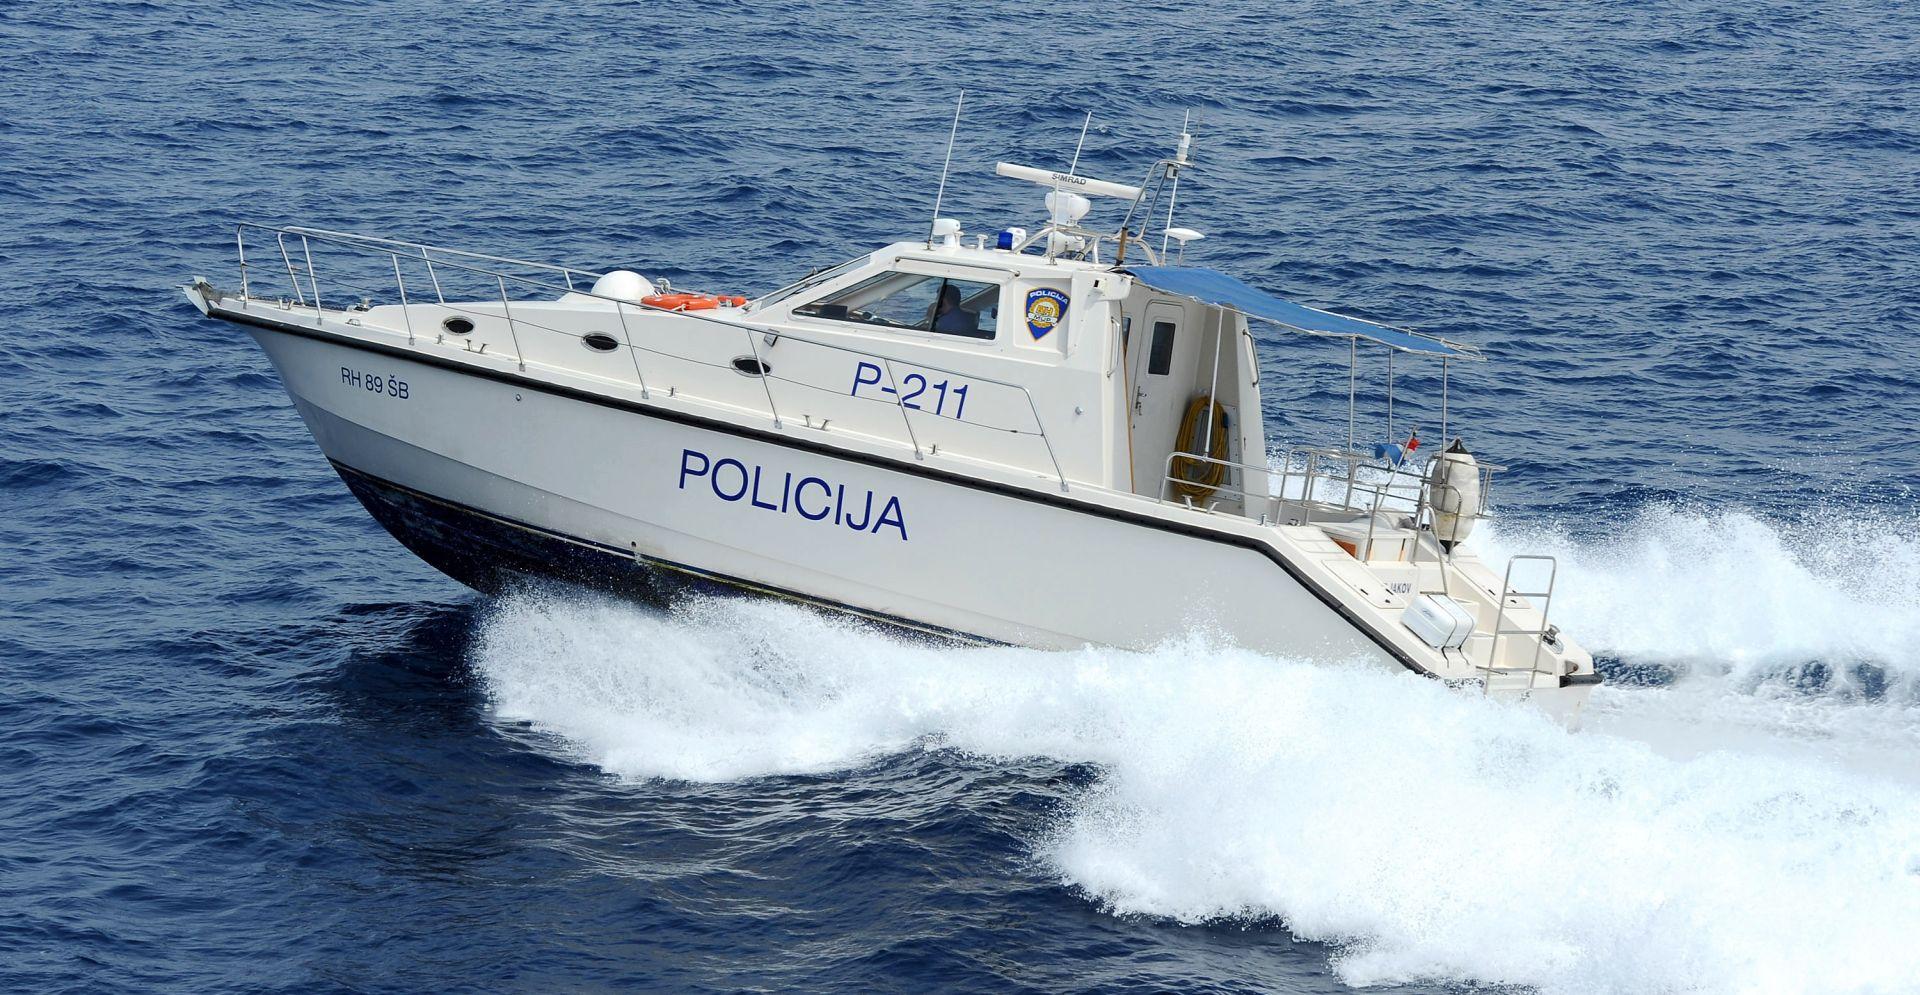 Brodovi i zrakoplov Obalne straže uključeni u traganje za nestalim članom posade iz Sultanata Oman